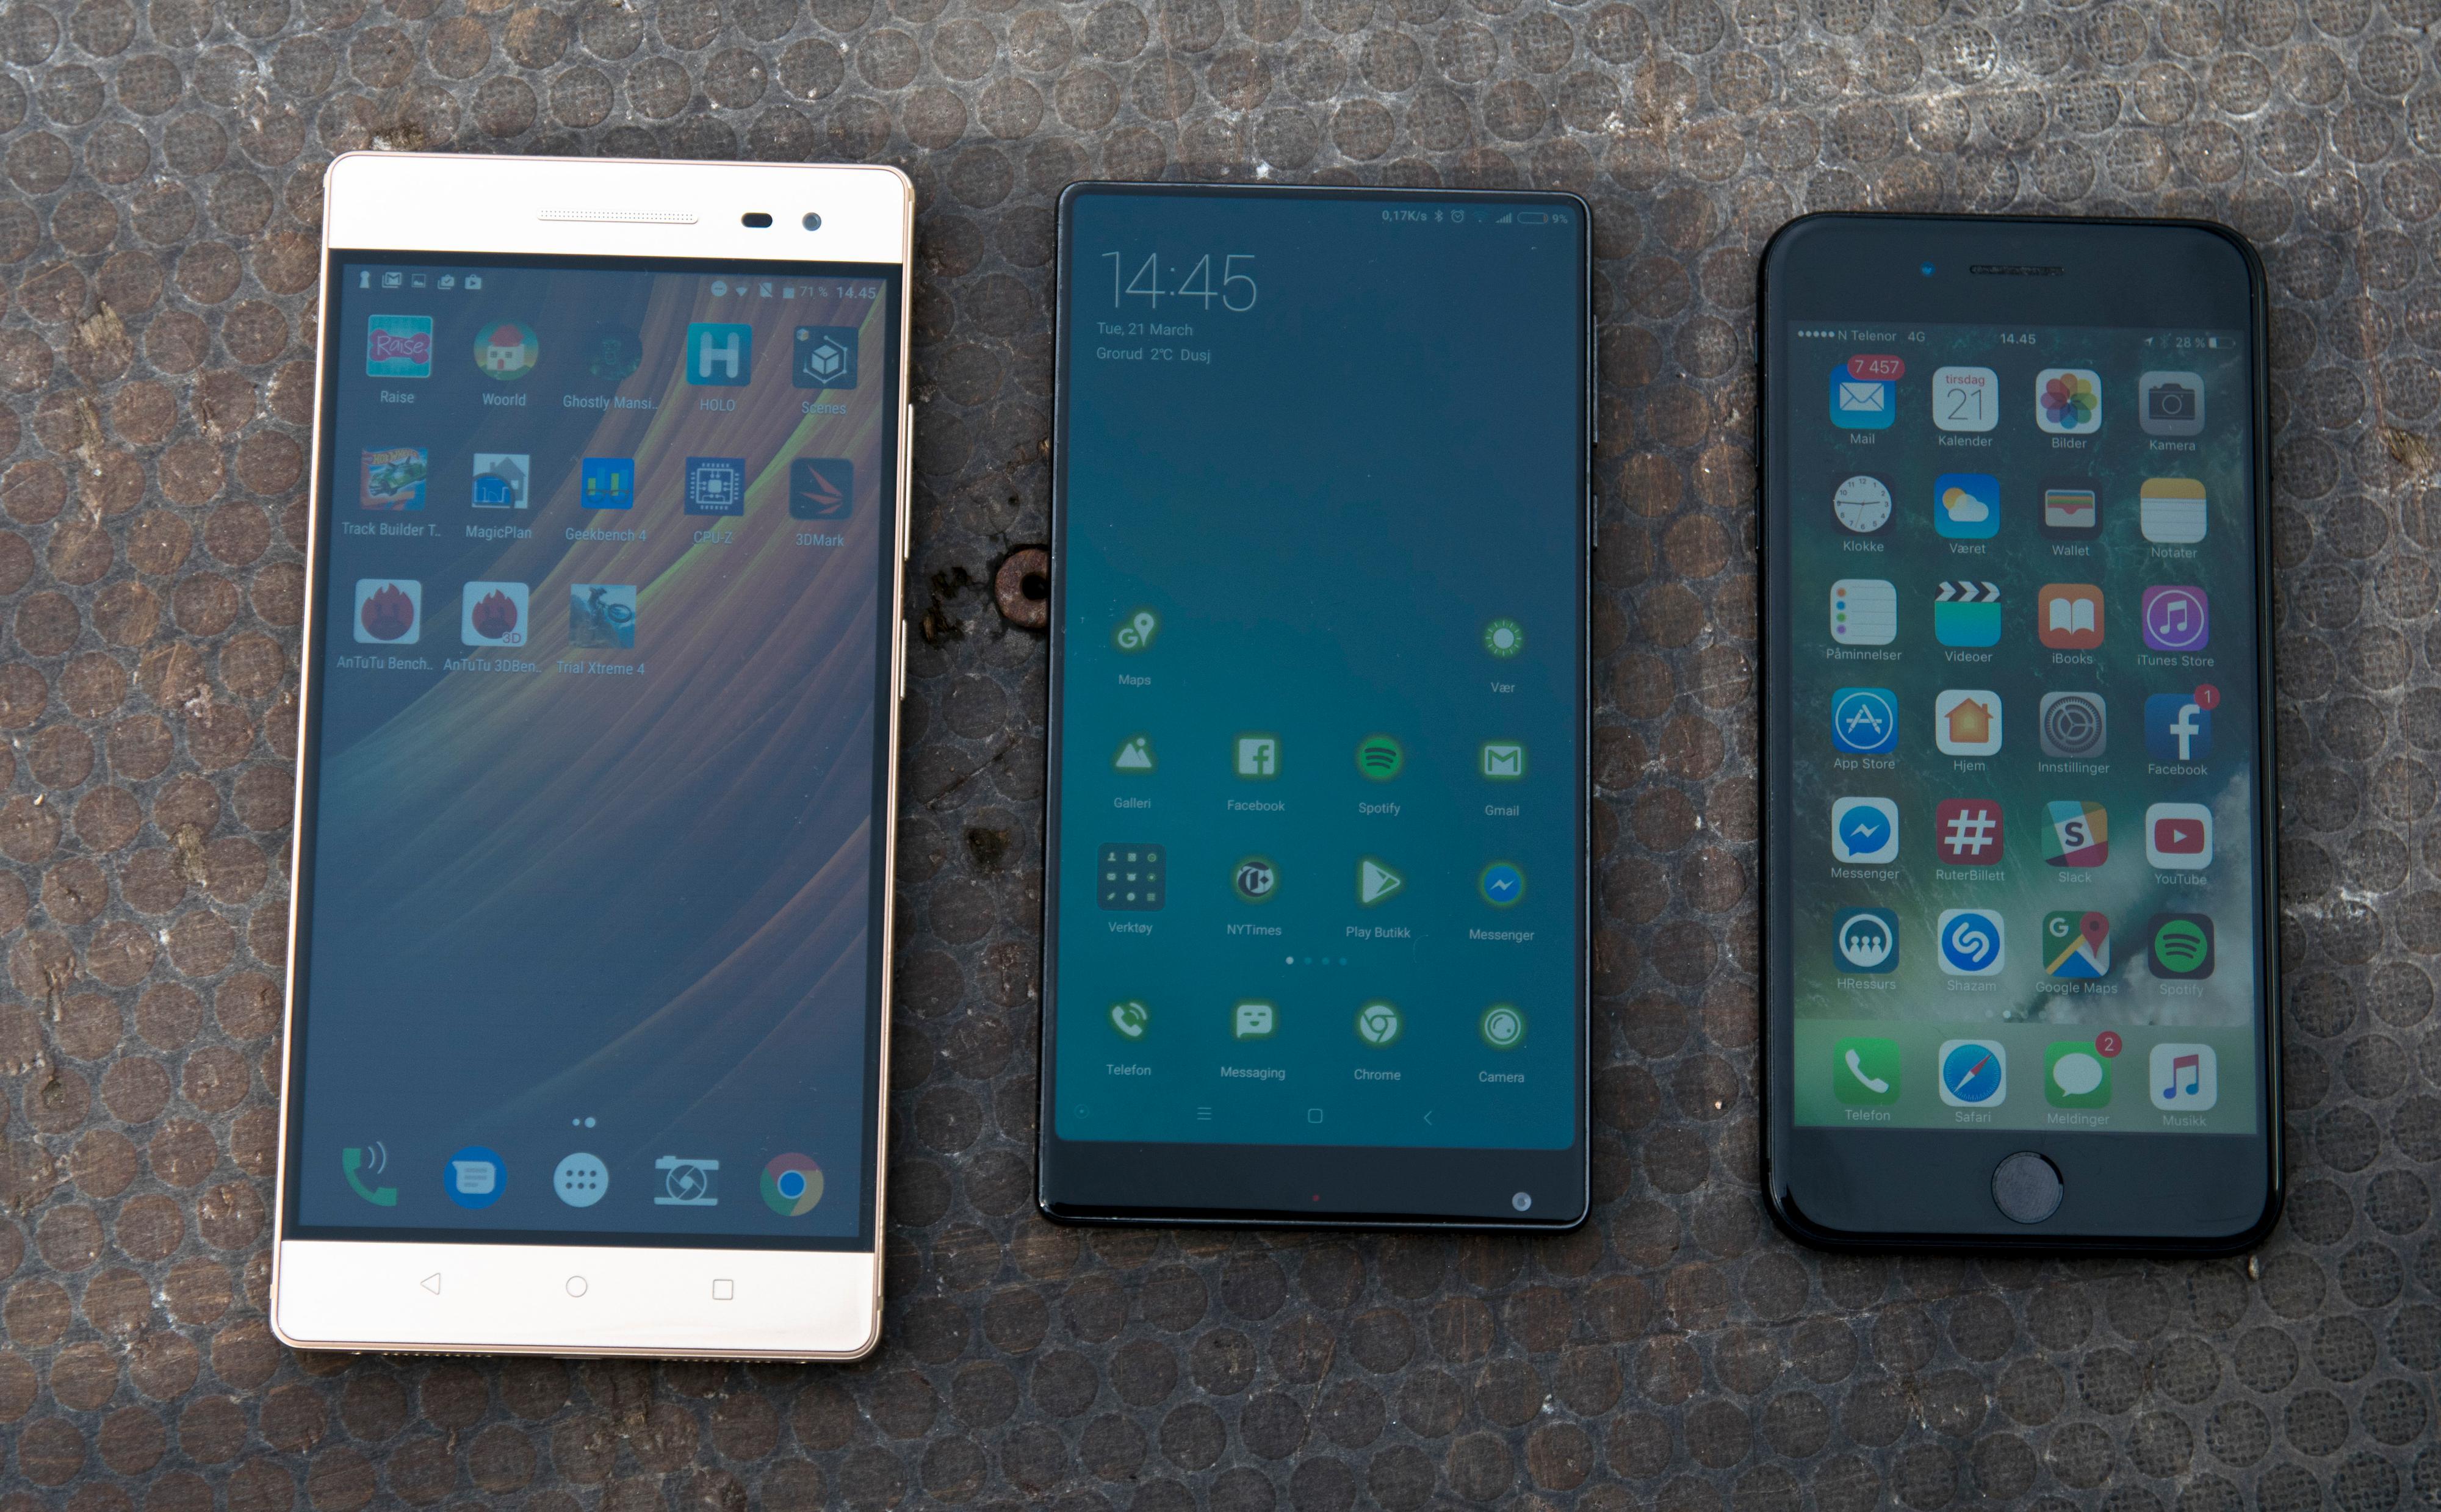 For så store telefoner er det nesten utilgivelig å ikke ha en skikkelig énhåndsmodus. Det er også dumt å fylle opp med så mye ramme rundt en skjerm som i seg selv er for stor for mange. Til høyre for Phab 2 Pro ser du Xiaomi Mi Mix med like stor skjerm, og iPhone 7 Plus med 5,5 tommers skjerm. Begge disse har gode løsninger når du ikke kan bruke begge hendene.